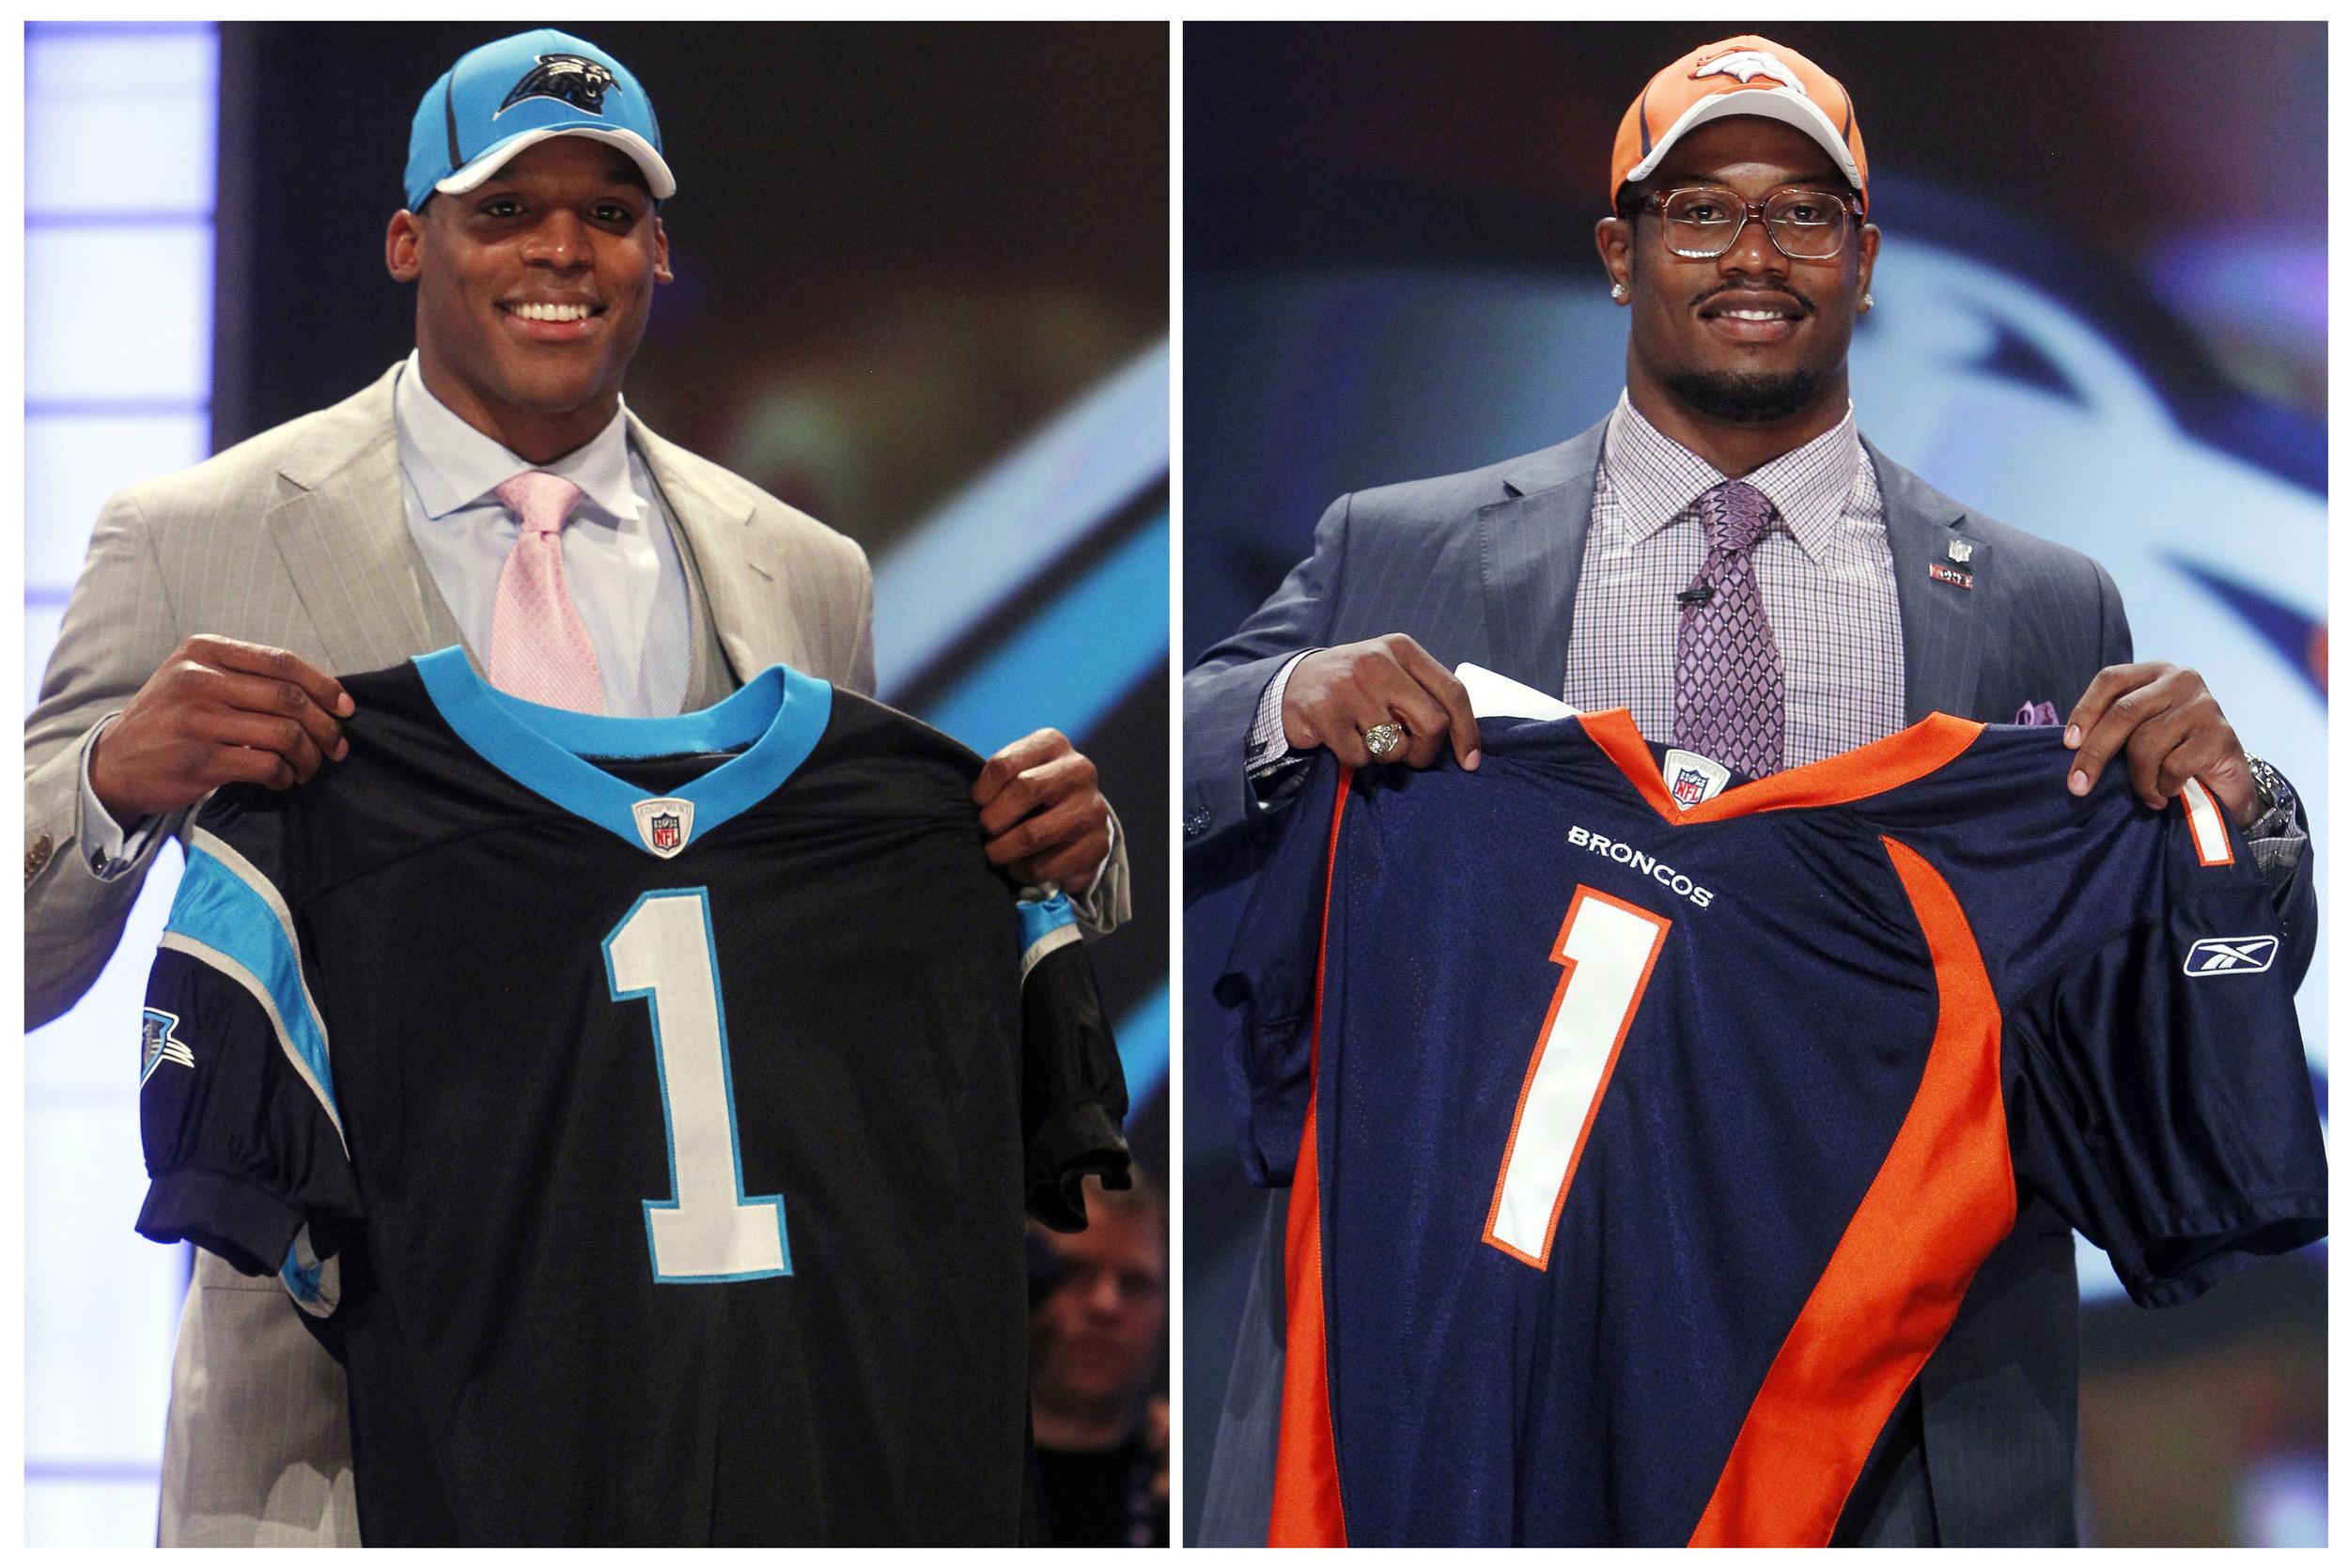 Pictured: Cam Newton (left), Von Miller (Right)Credit: Star Tribune